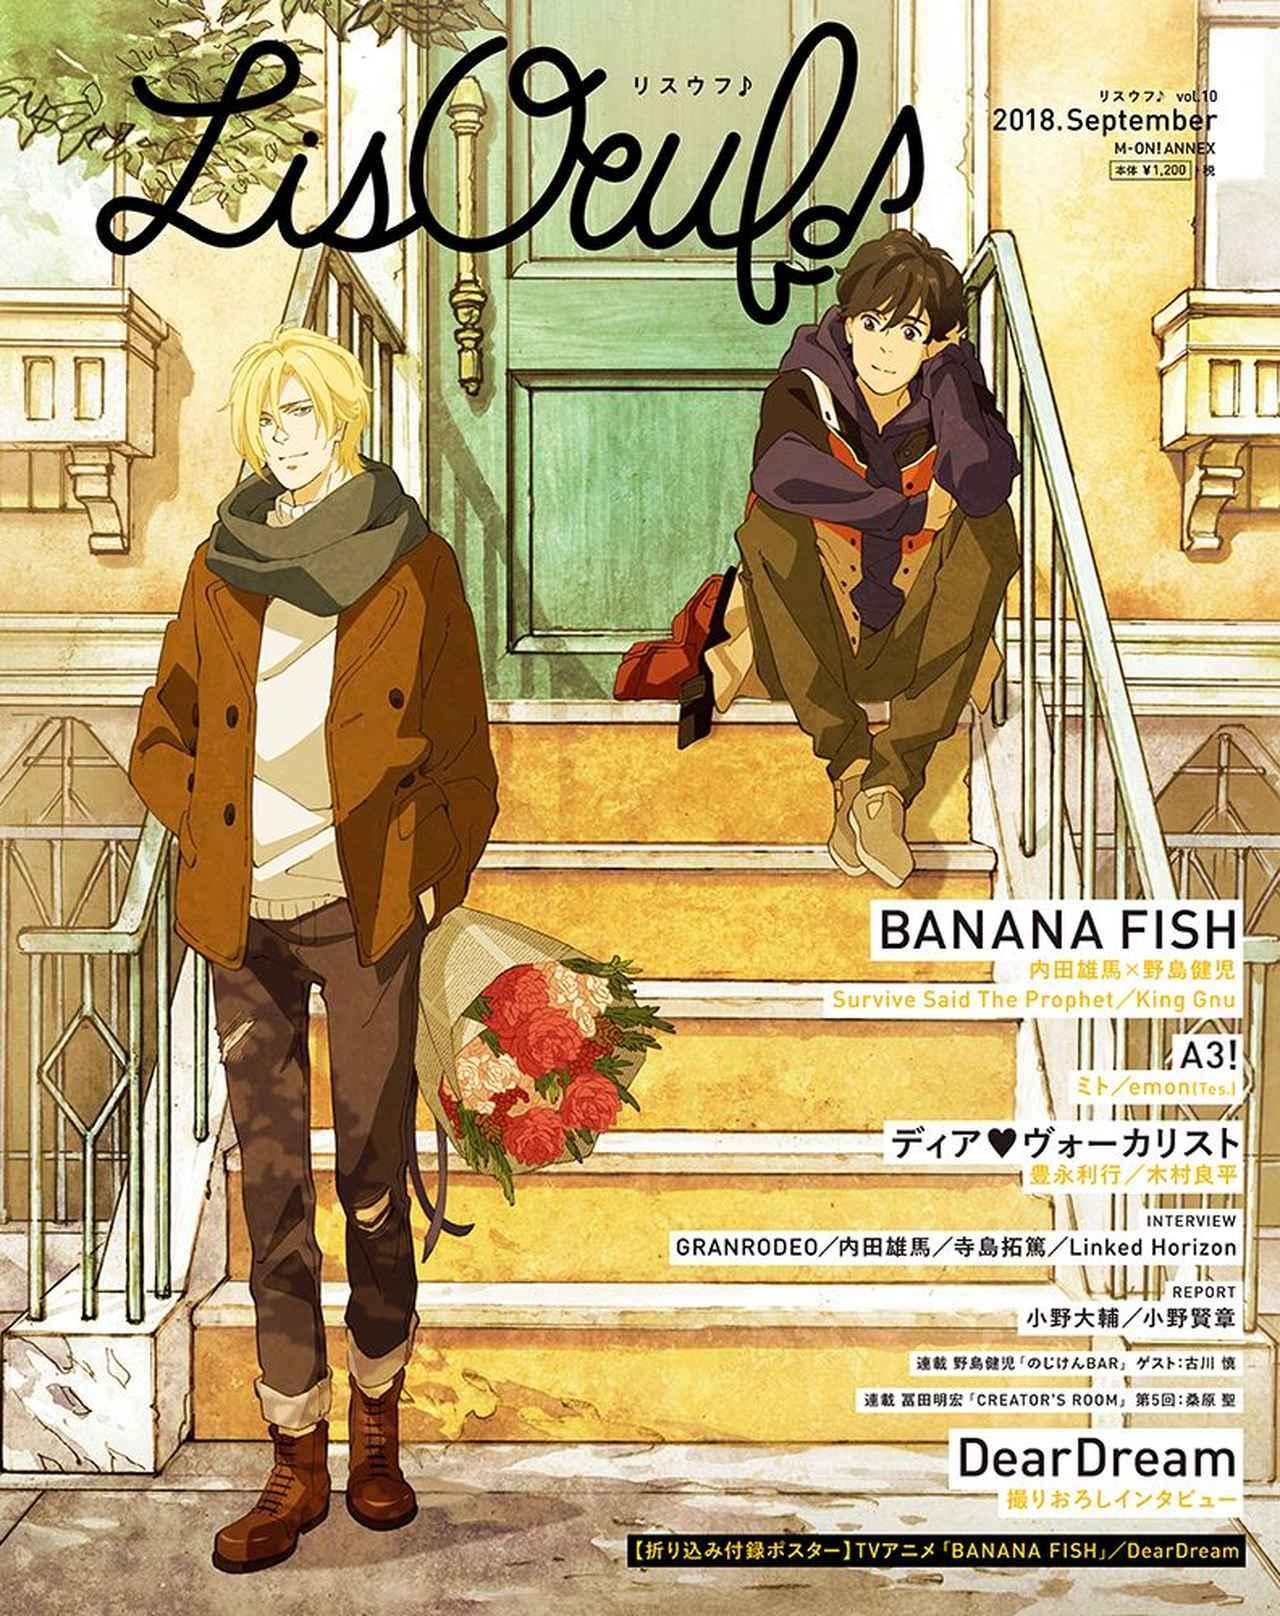 画像1: 「BANANA FISH」のアッシュ&英二が表紙を飾る、 最新号「LisOeuf♪vol.10」